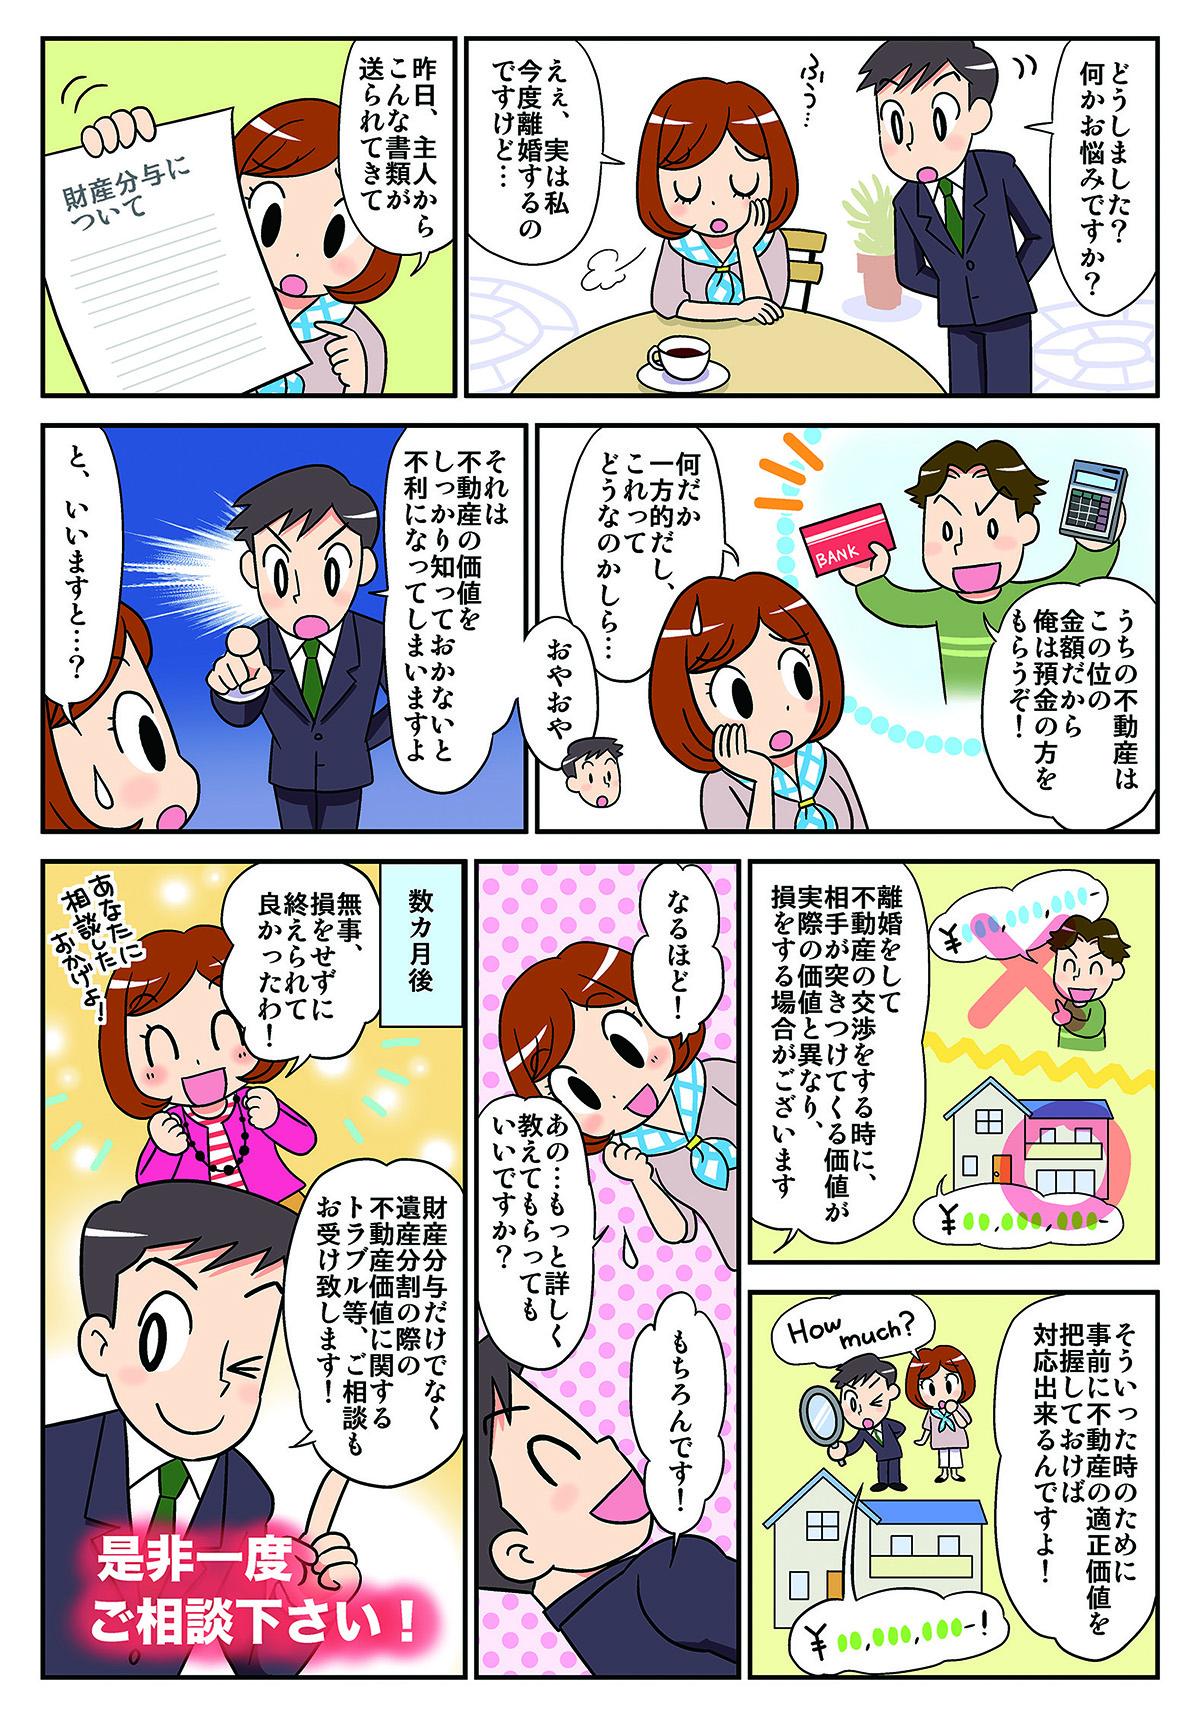 相続税編.jpg.jpg